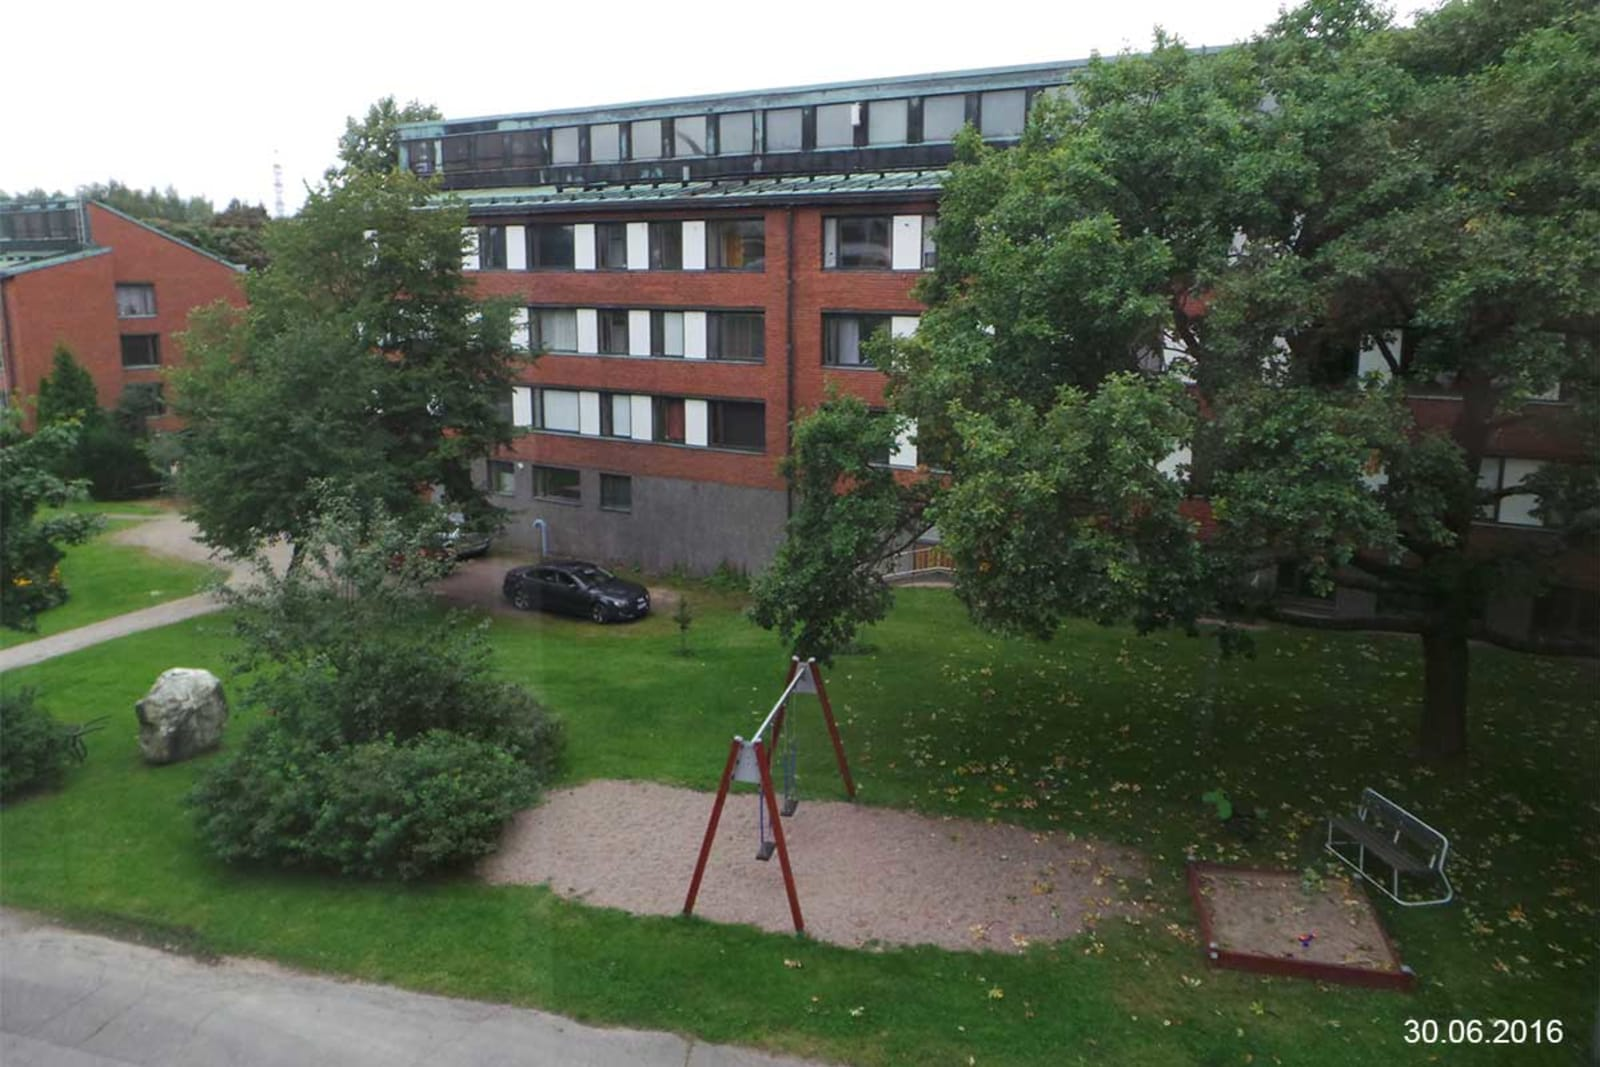 Helsinki, Etelä-Haaga, Vanha viertotie 8 B 021